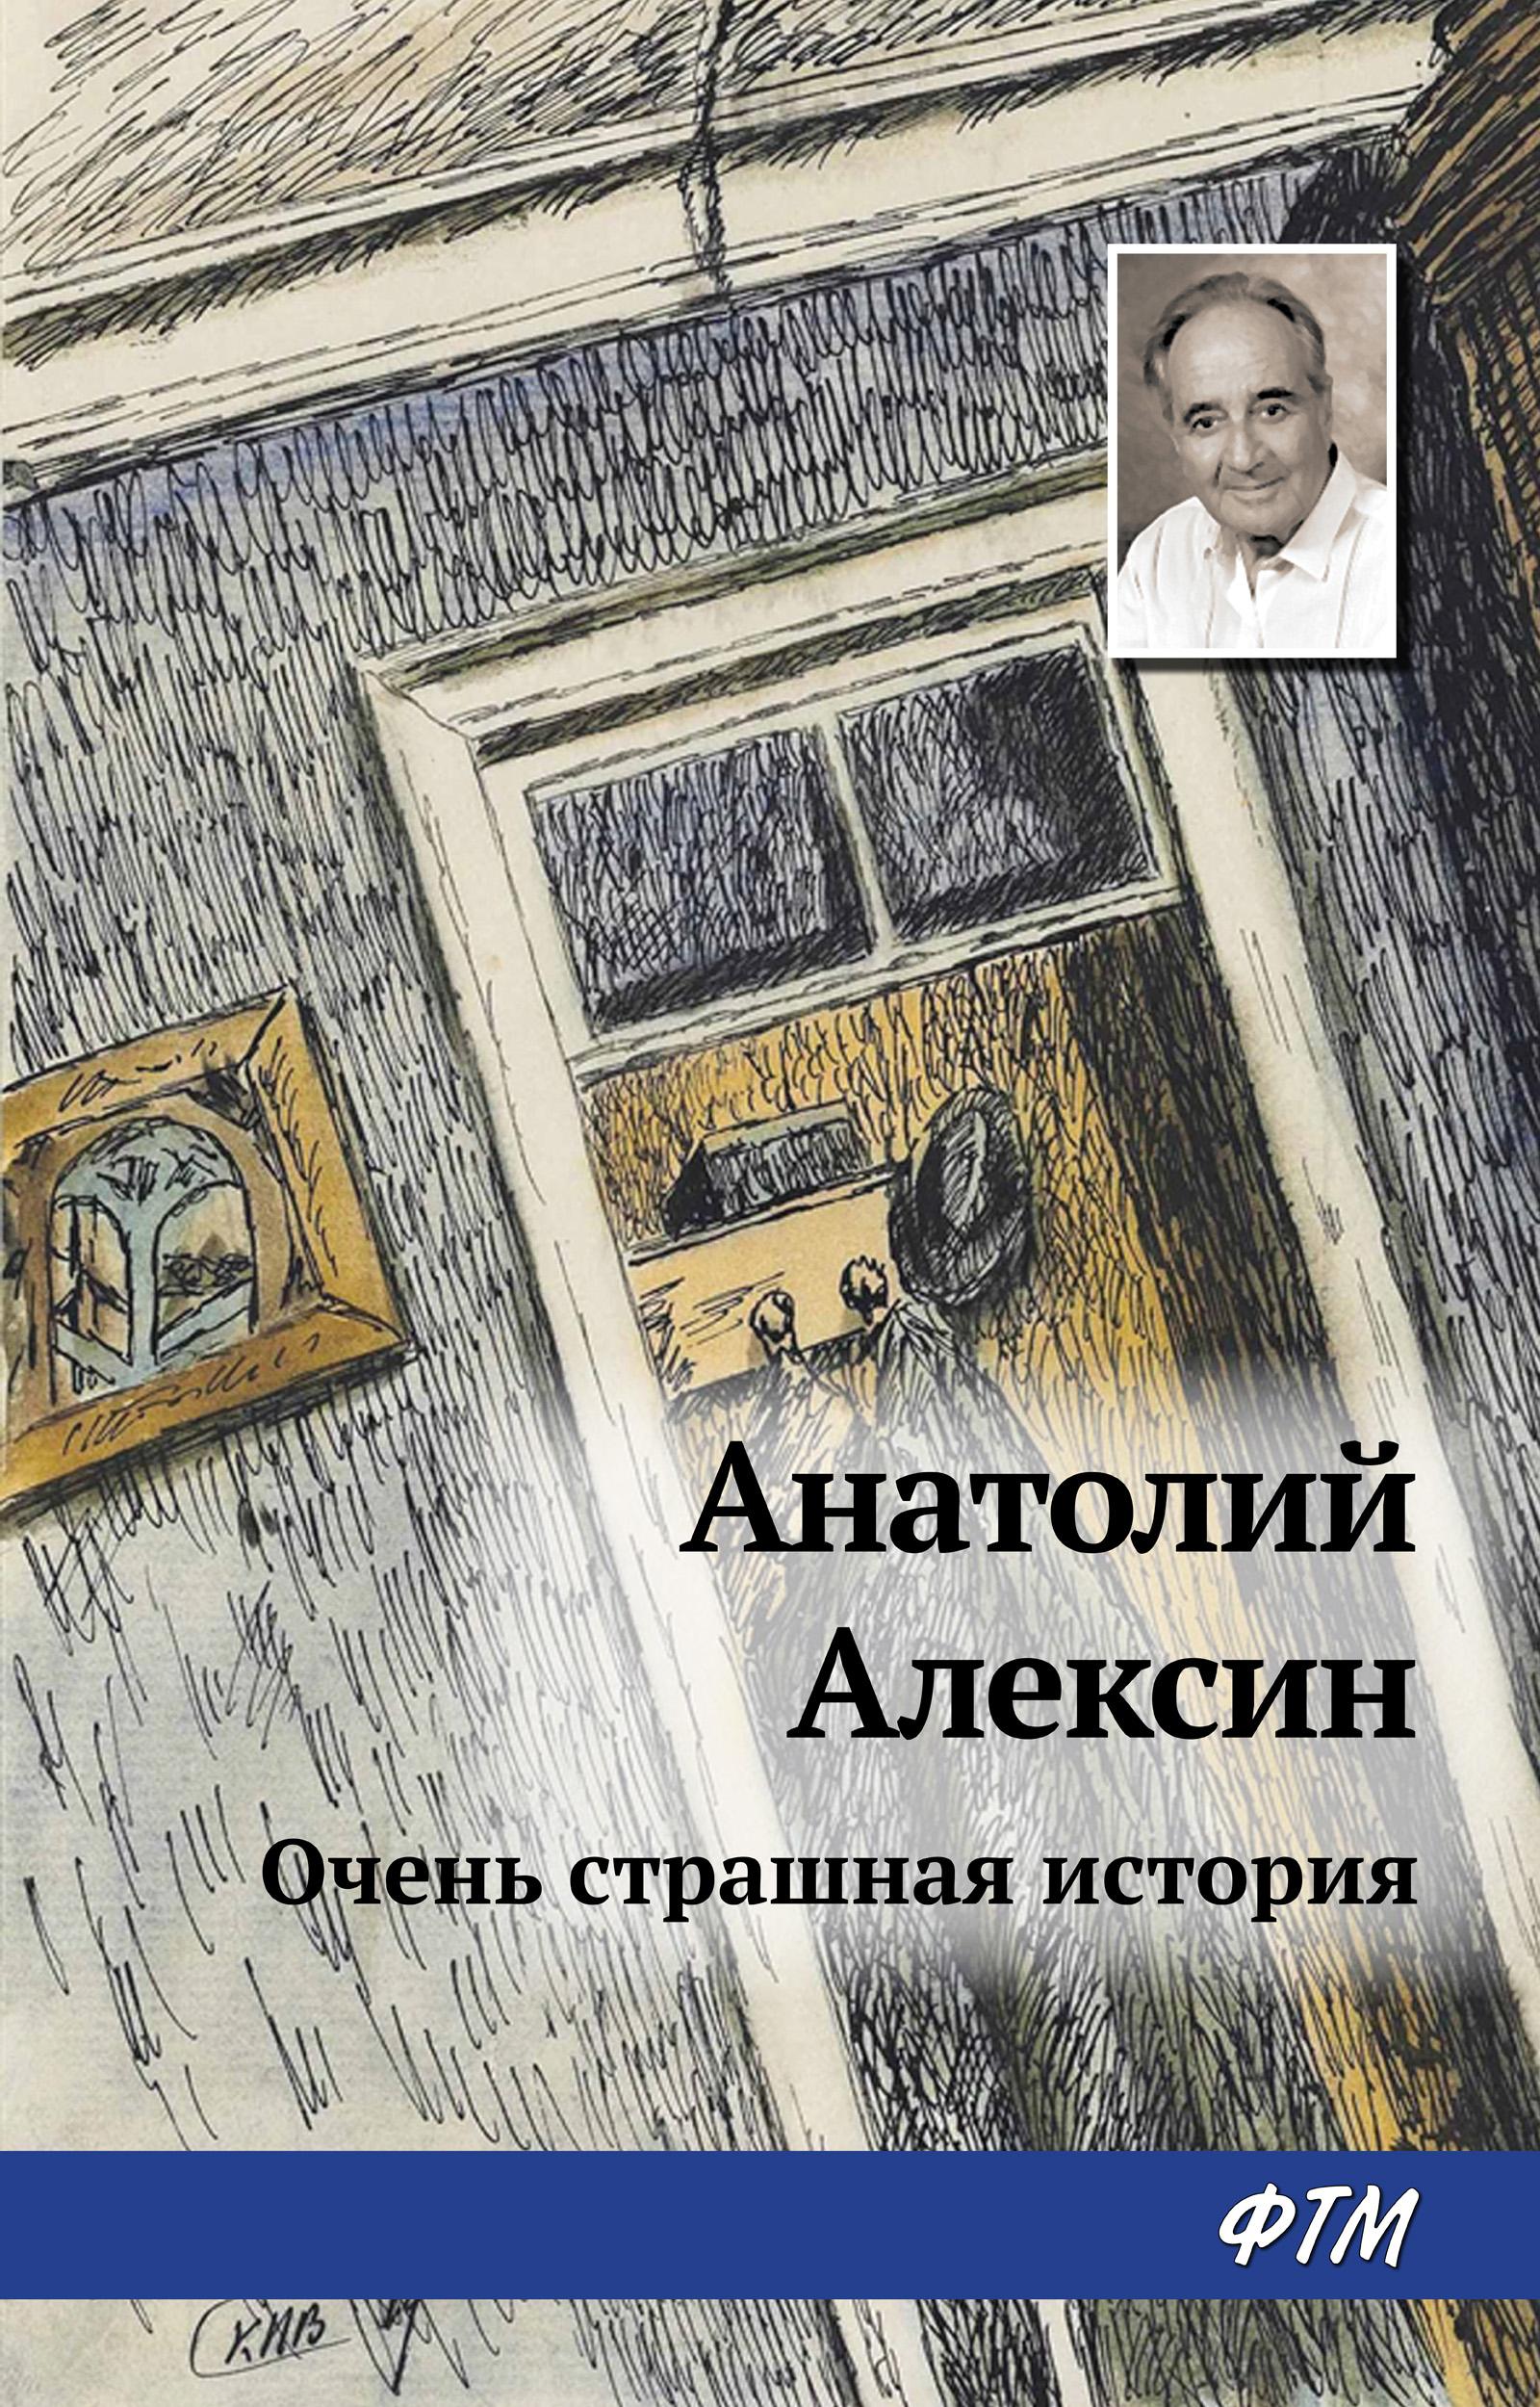 Анатолий Алексин Тайна старой дачи (Первая очень страшная история) анатолий алексин тайна старой дачи